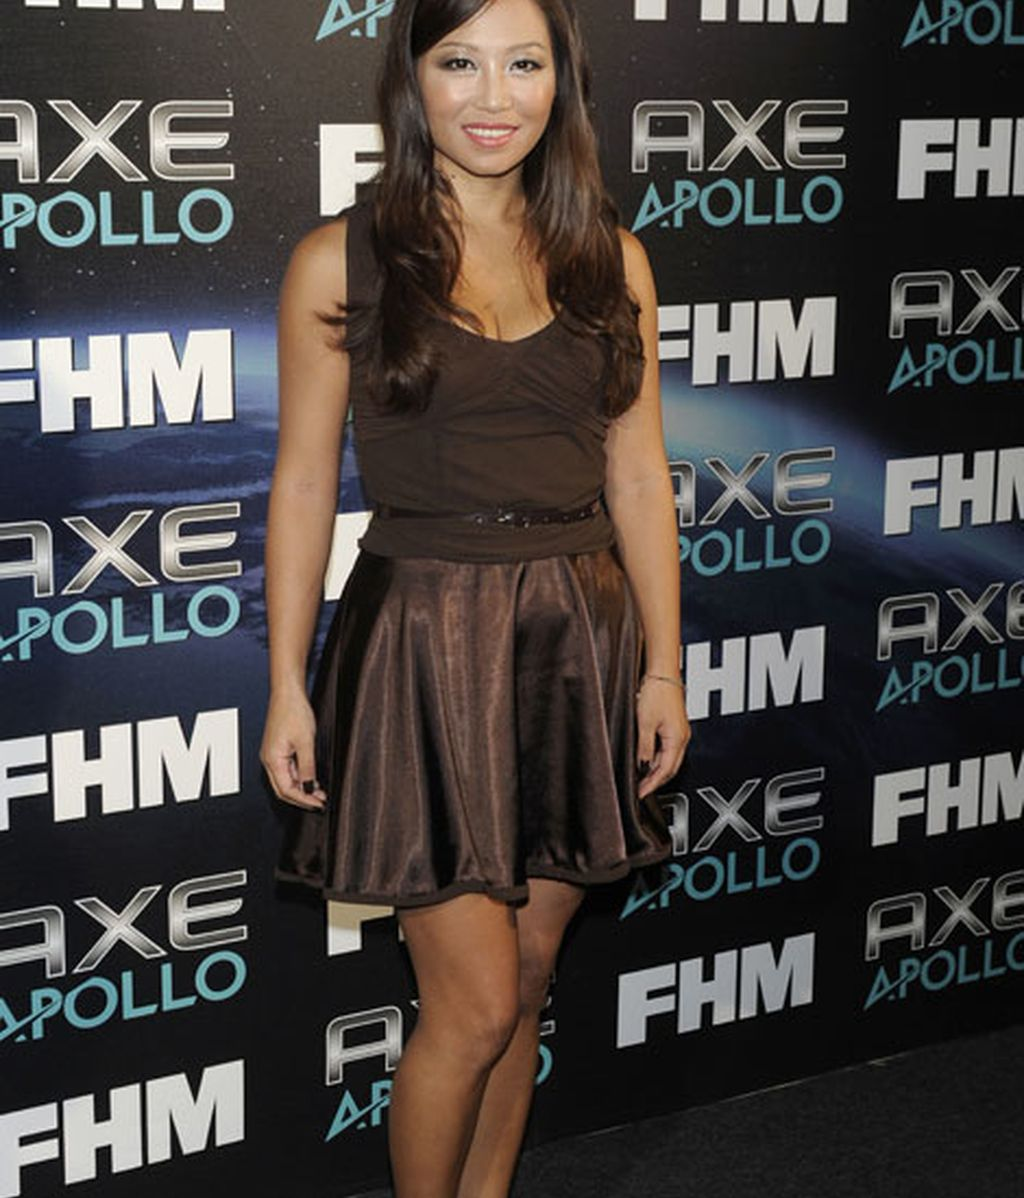 La presentadora Usun Yoon, vestida de marrón